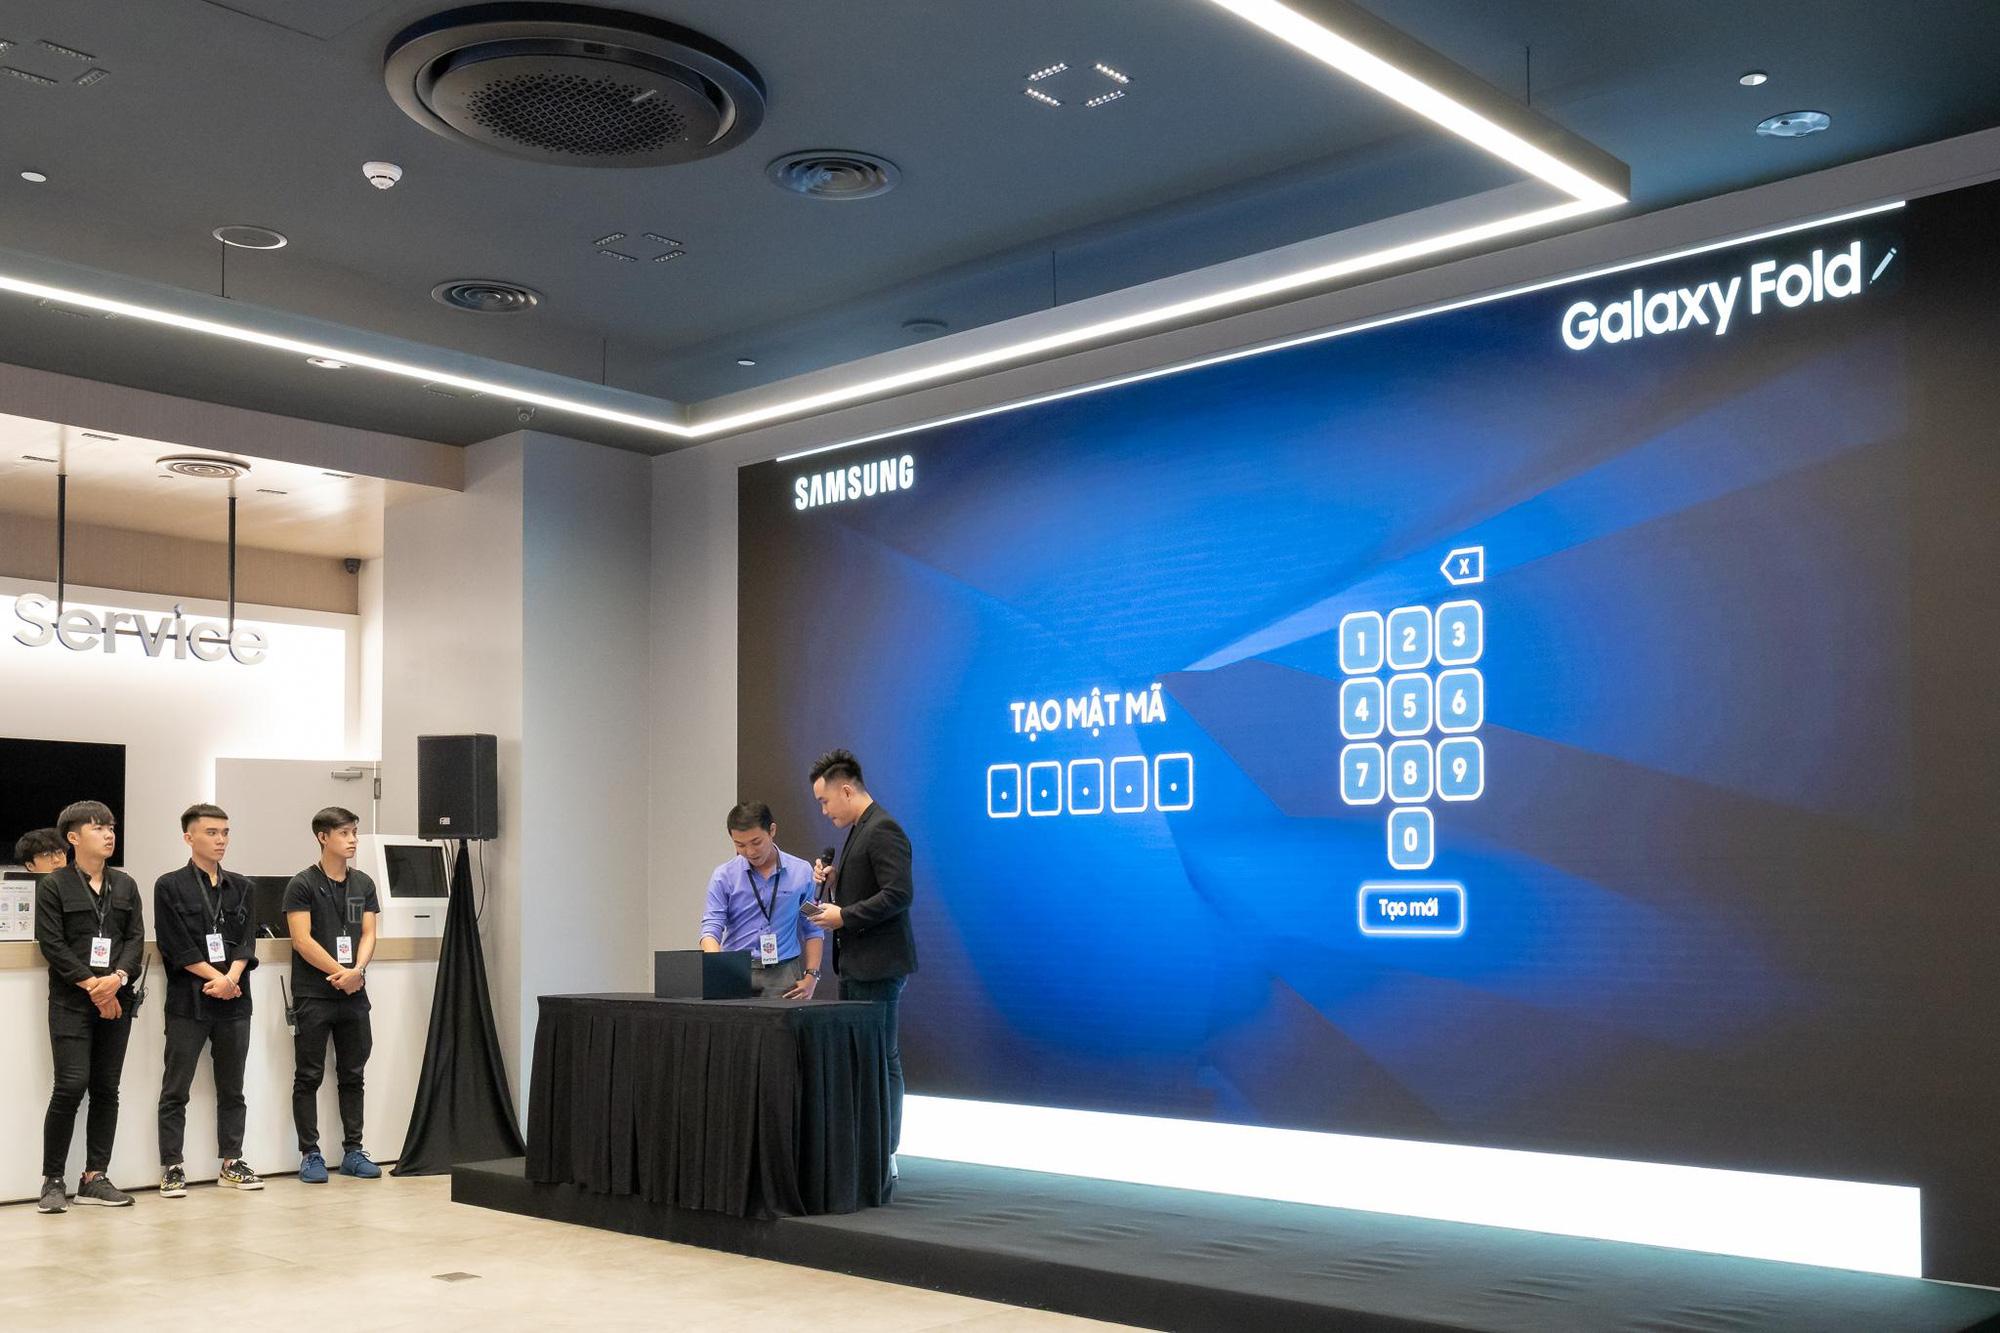 Kỳ quan công nghệ Galaxy Fold đã được giải mã và hành trình đầy kịch tính, thăng hoa đến phút cuối cùng - Ảnh 3.